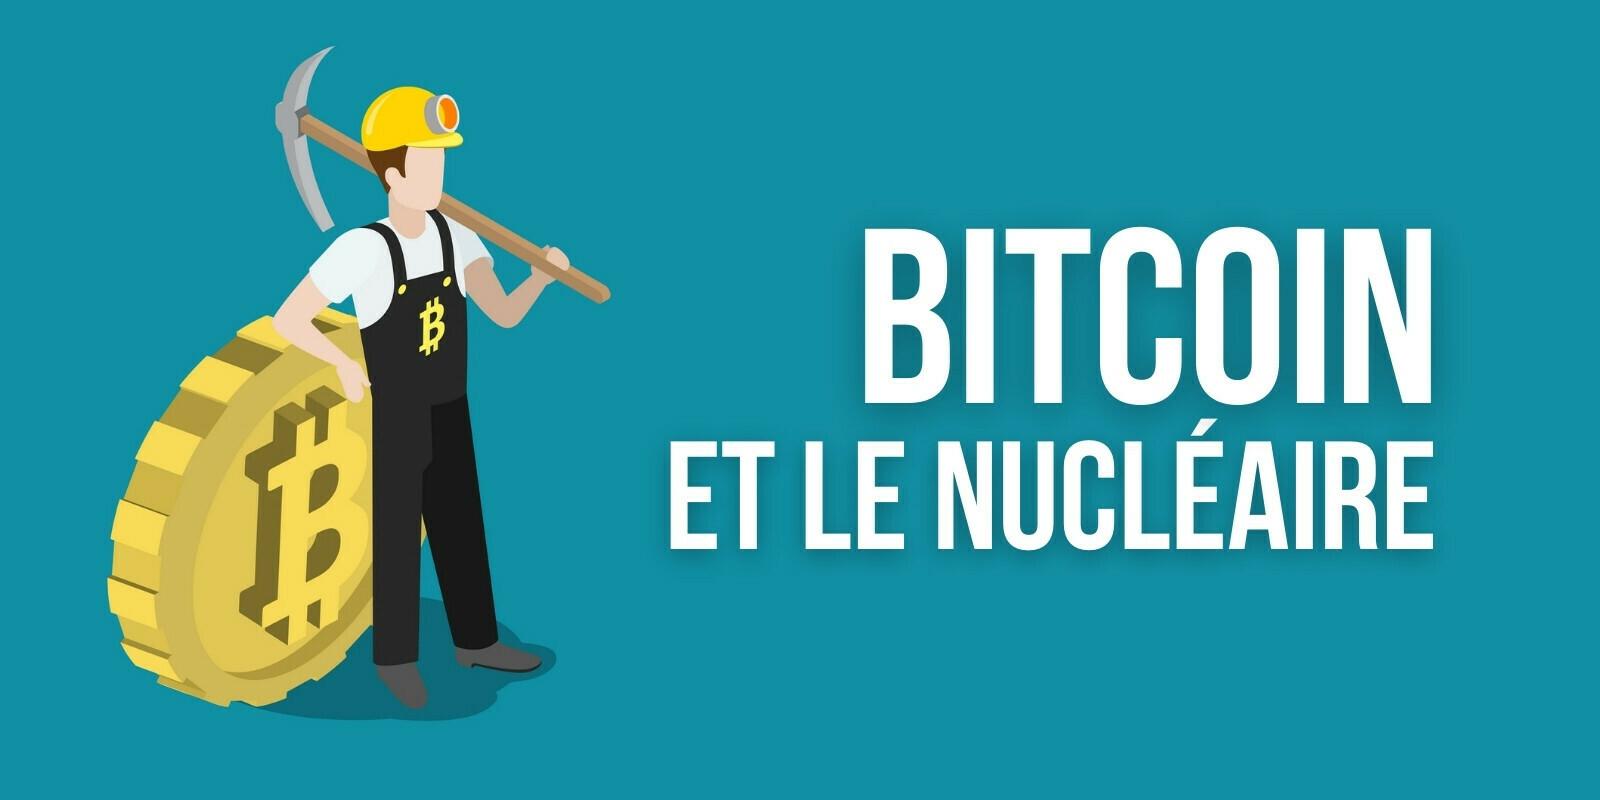 Miner du Bitcoin (BTC) avec de l'énergie nucléaire : le projet original d'une entreprise de l'Ohio